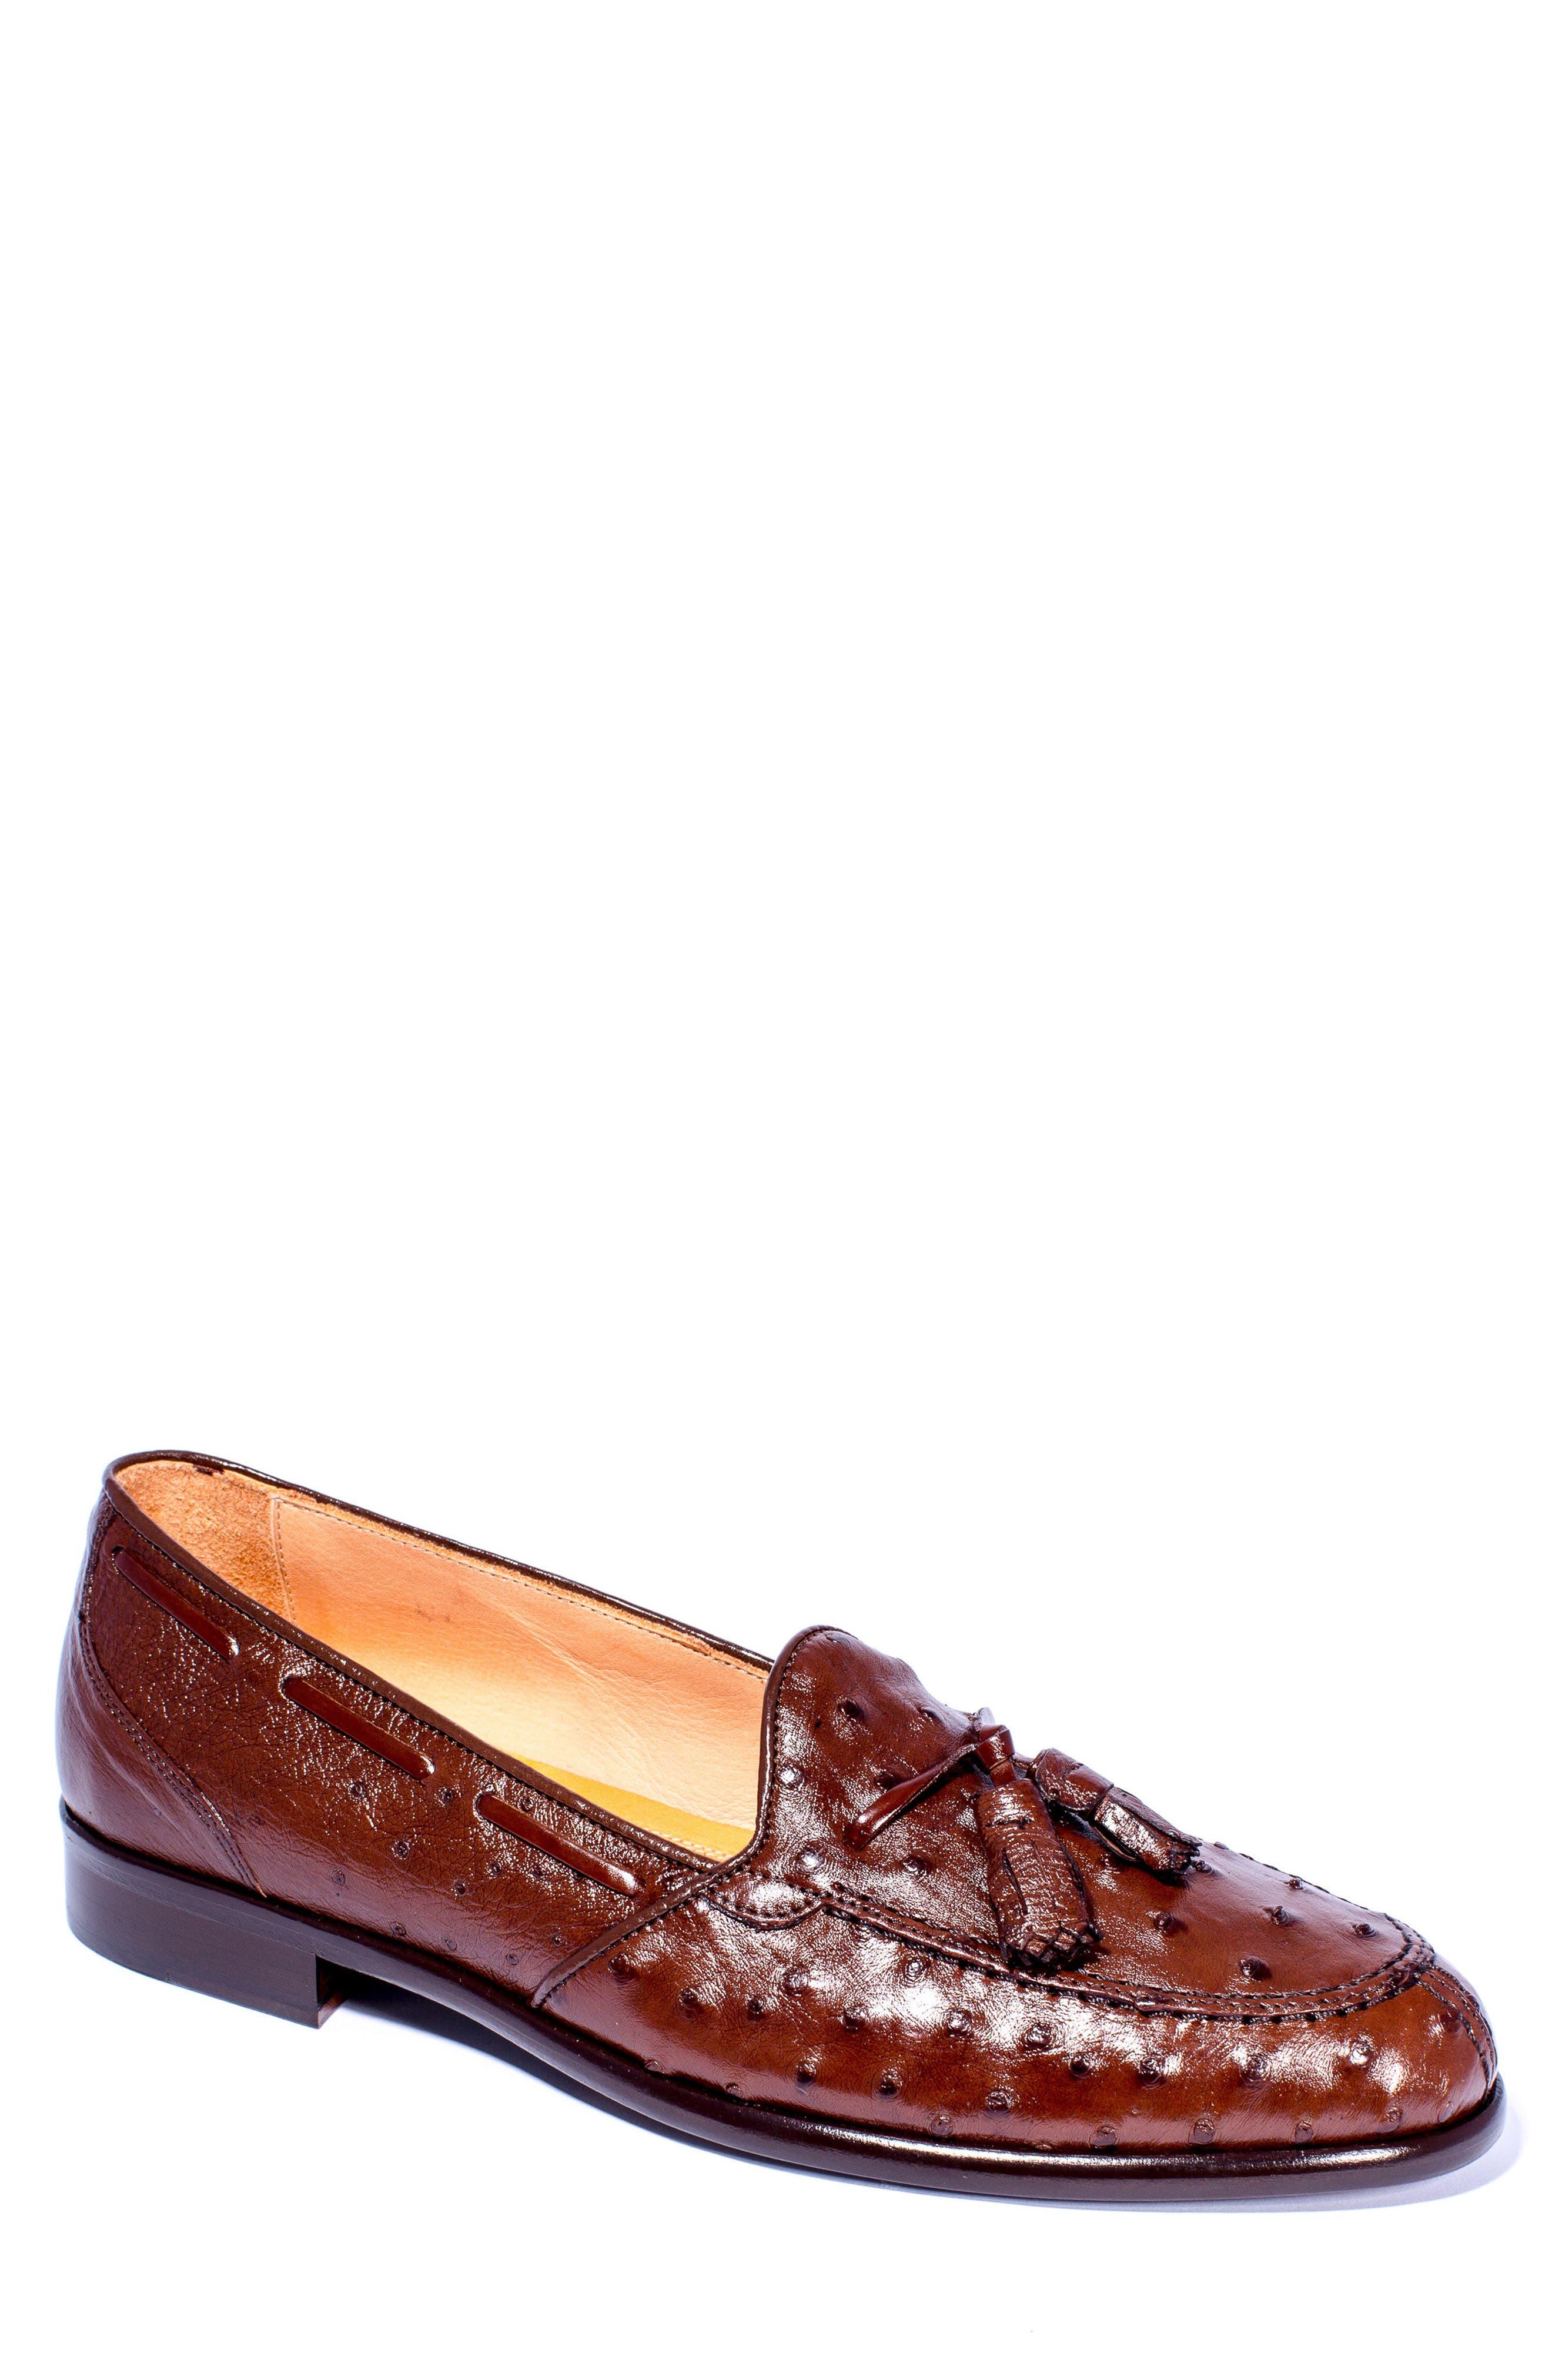 Alternate Image 1 Selected - Zelli Franco Tassel Exotic Leather Loafer (Men)